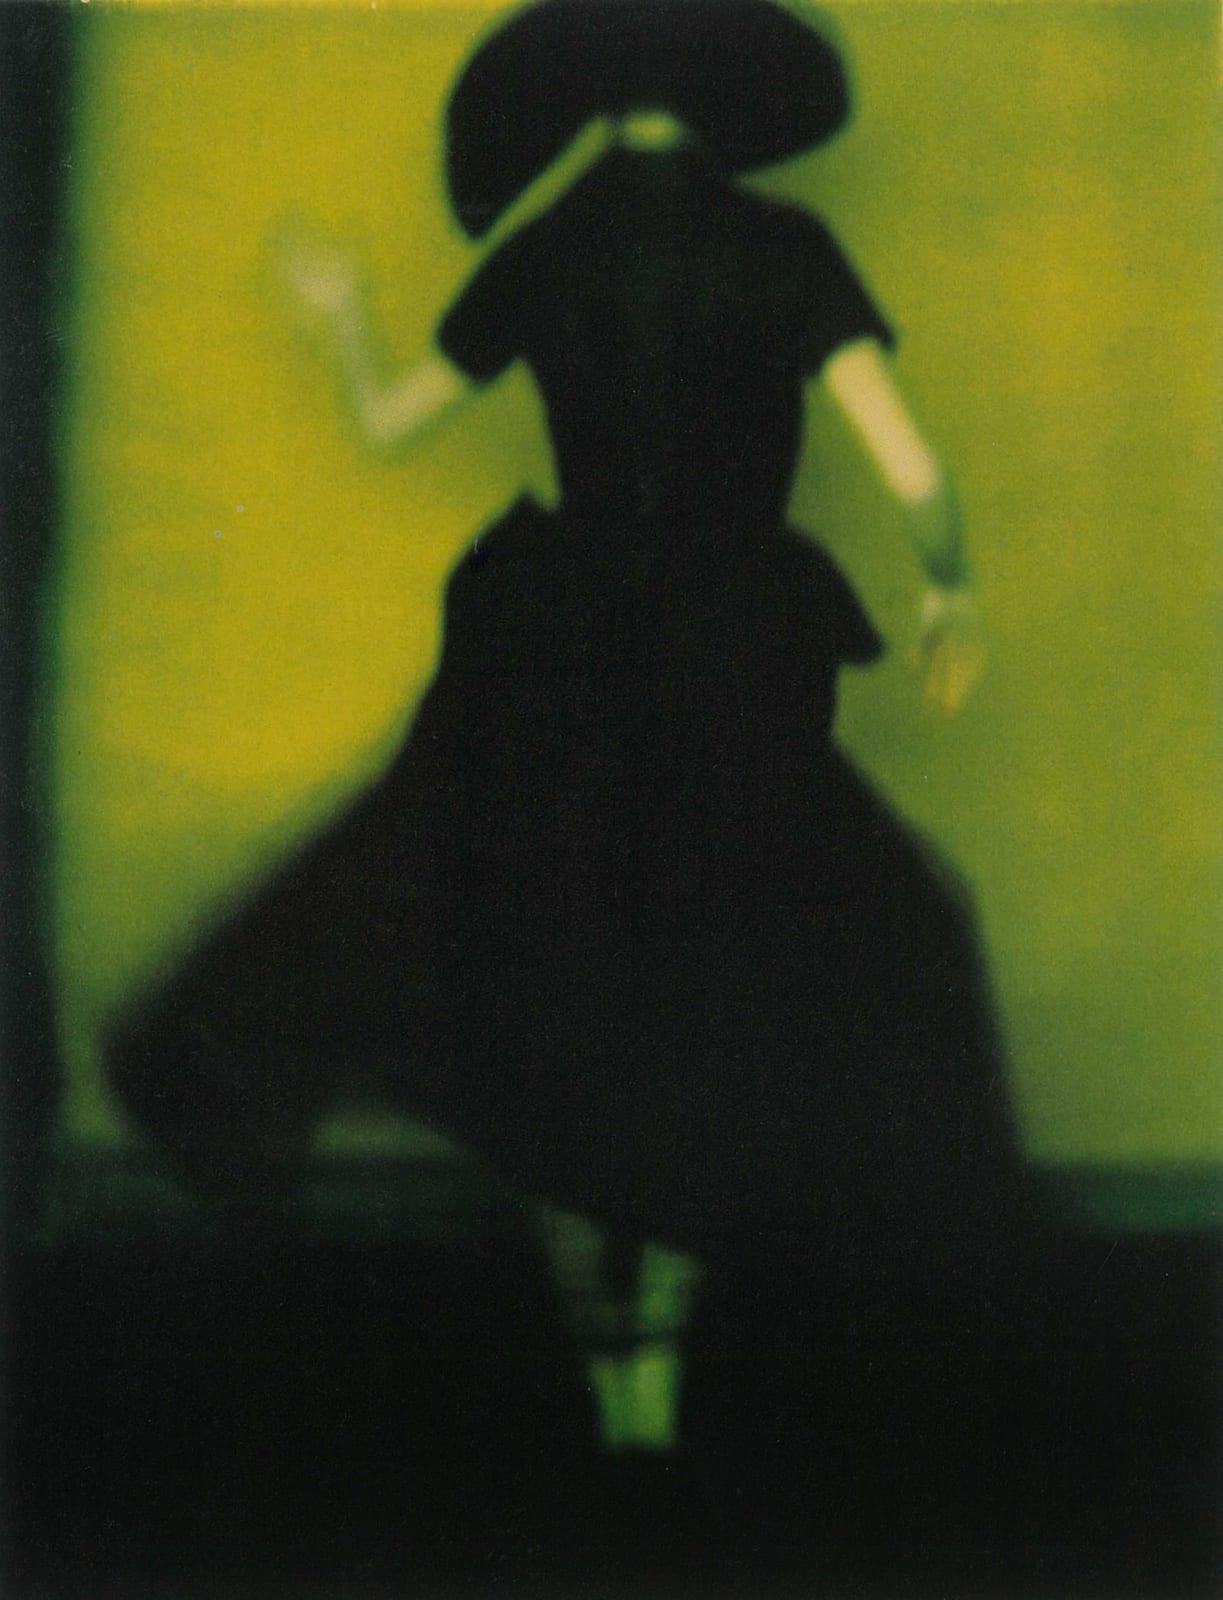 Sarah Moon, Fashion 9, Yohji Yamamoto, 1997